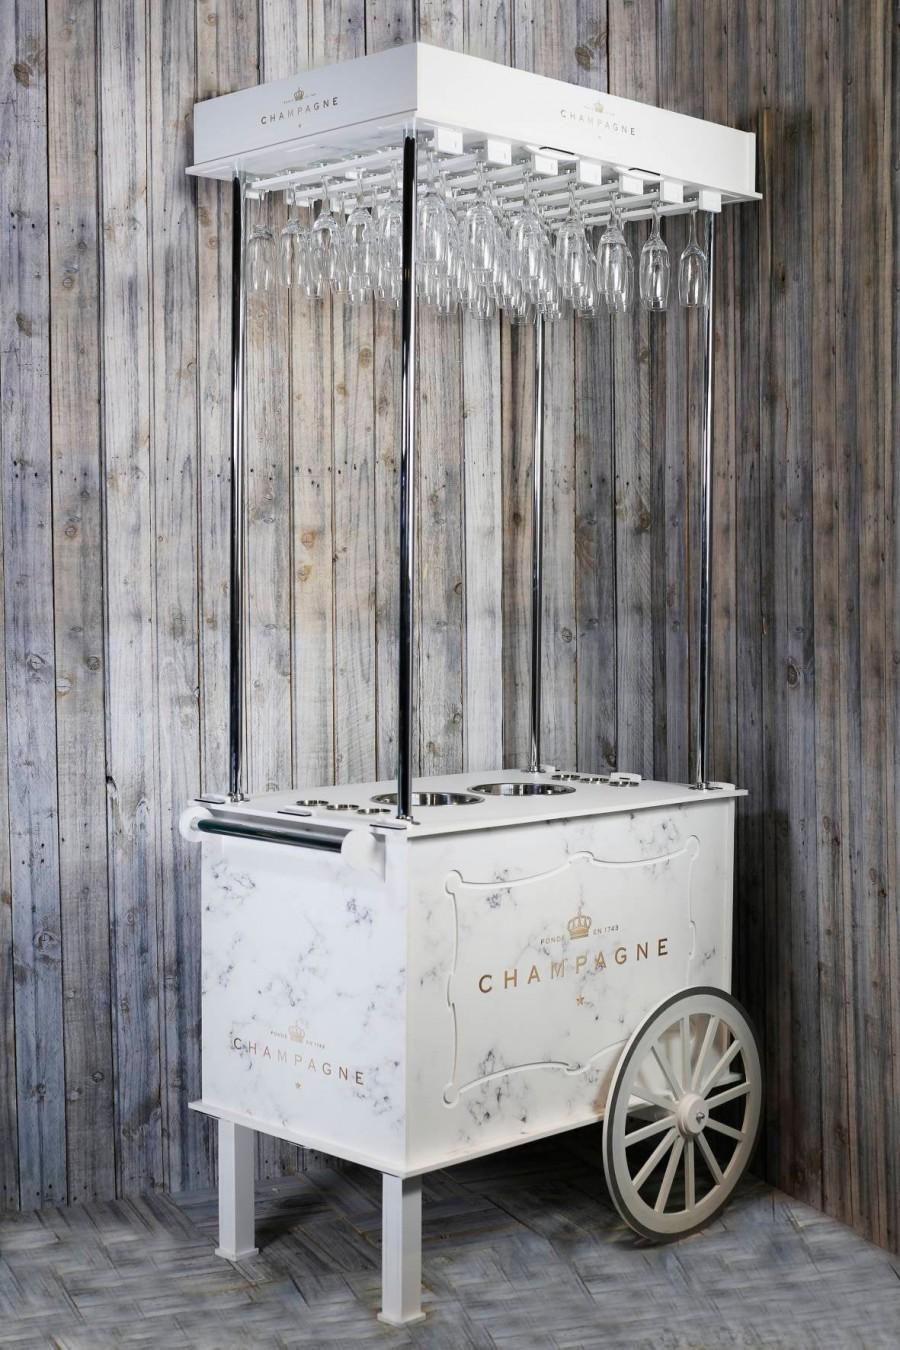 زفاف - Champagne Cart, Drinks Cart Various Sizes from 220cm (7ft) tall to 105cm (3ft) Tall, with Champagne buckets, Belini Pots, Holds 18-42 flutes